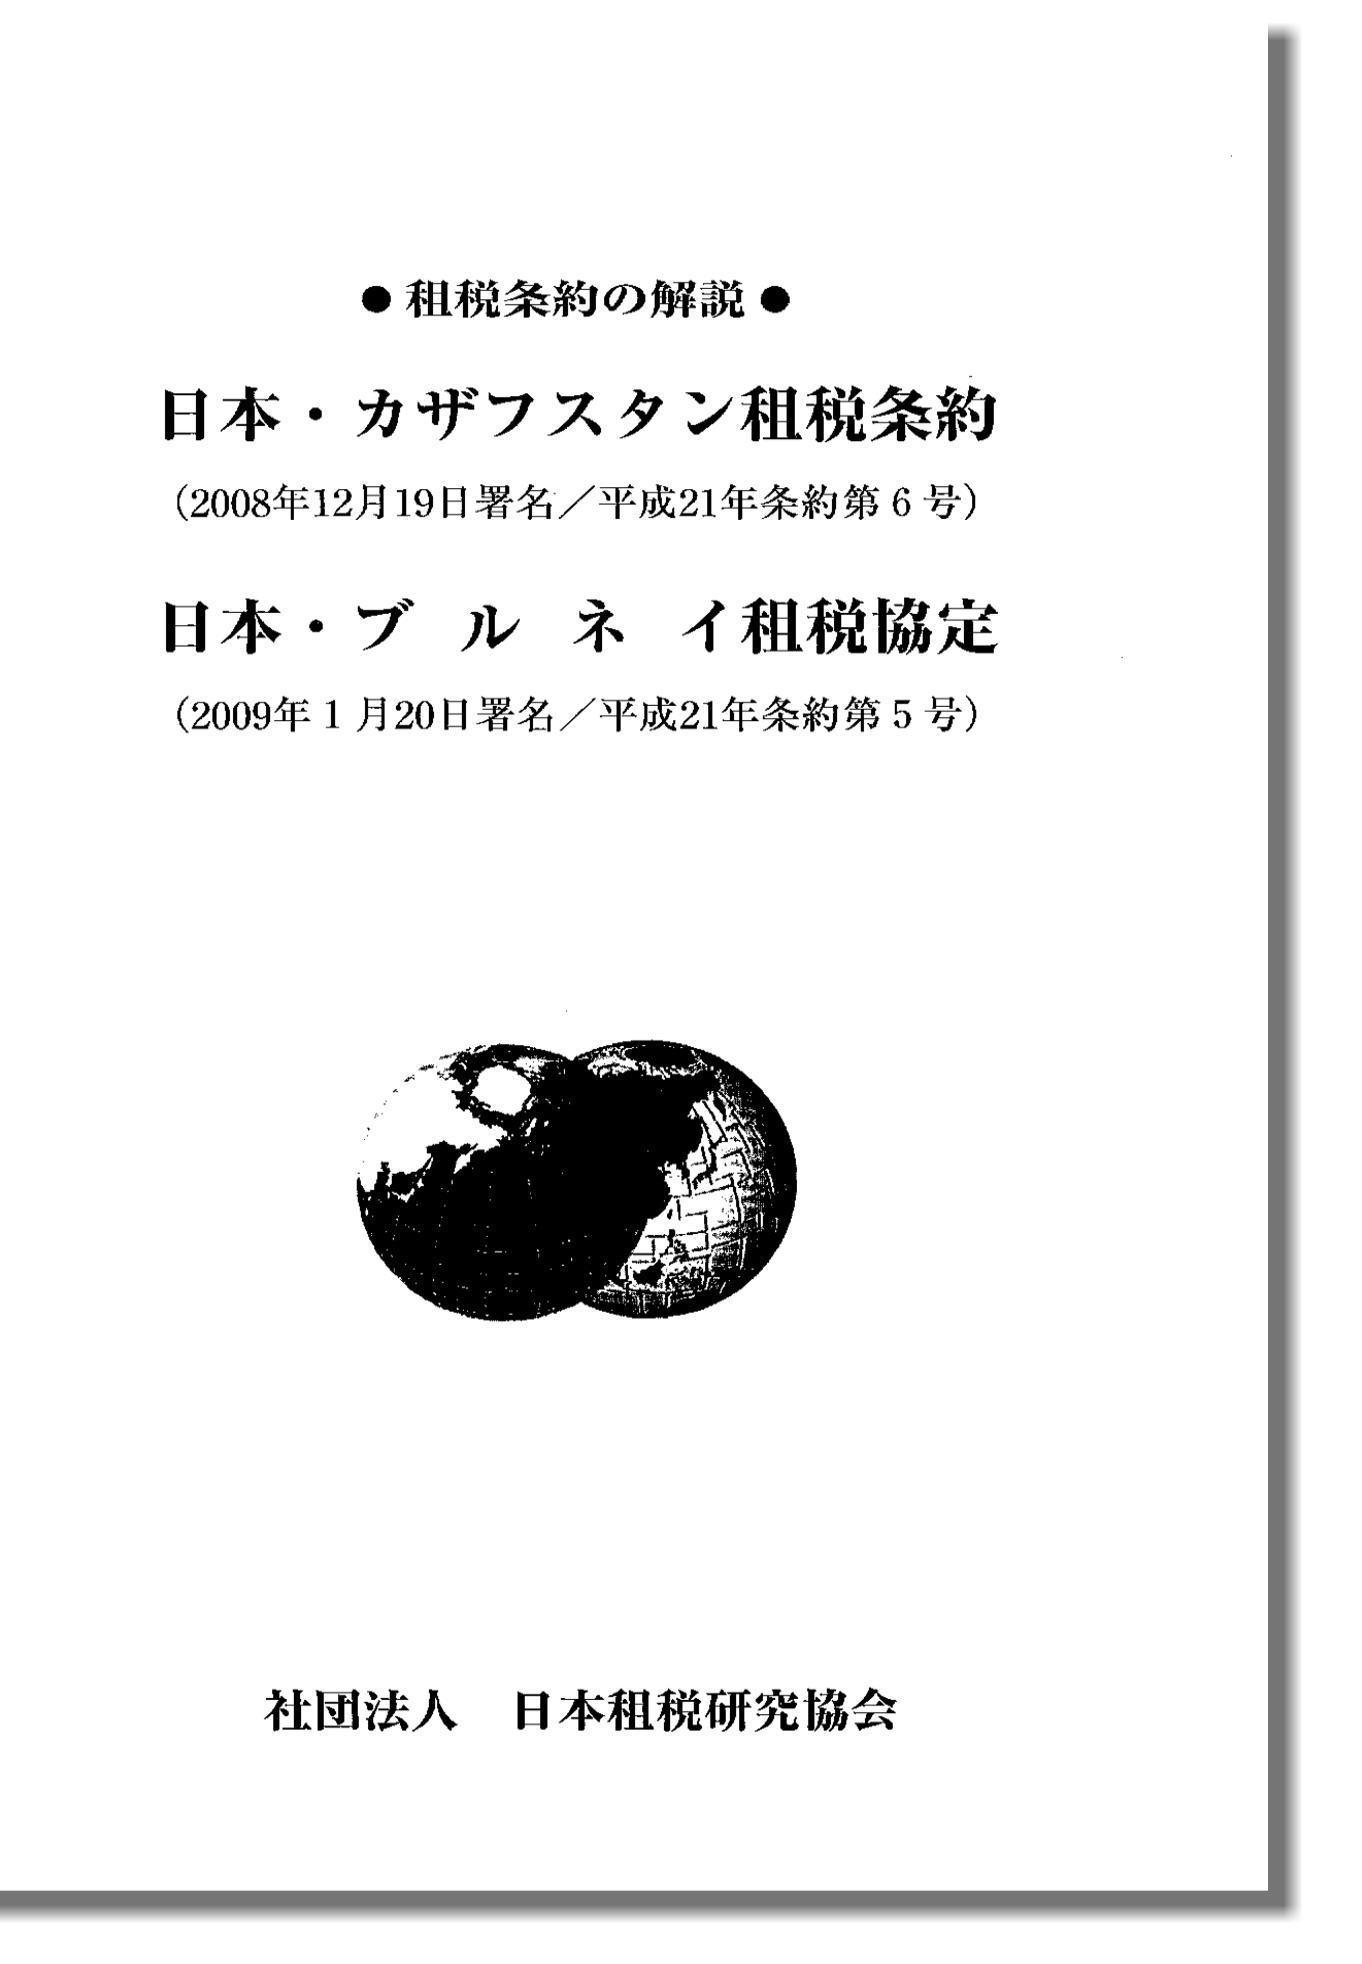 租税条約の解説 -日本・カザフスタン租税条約 日本・ブルネイ租税協定